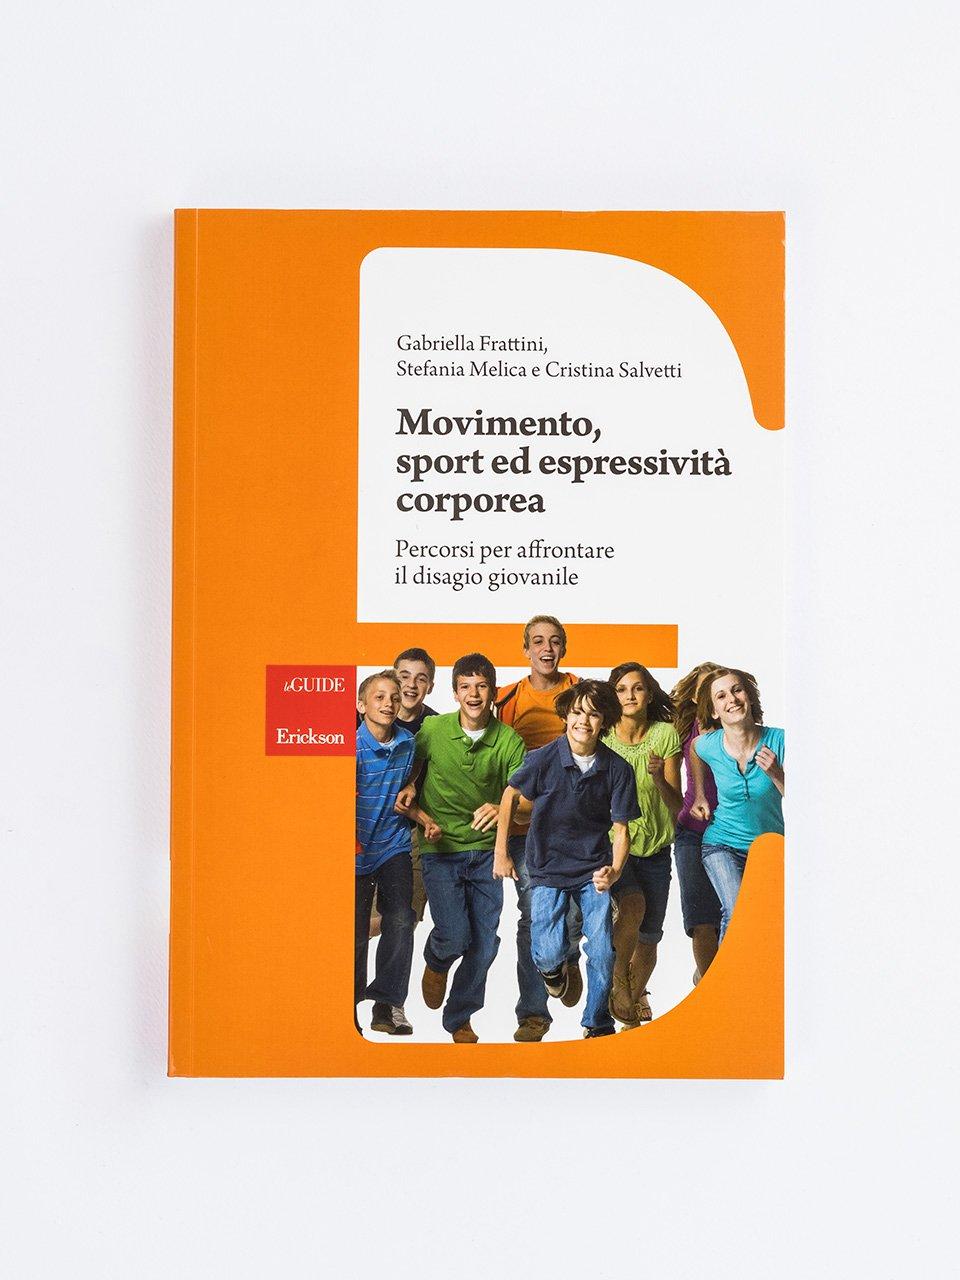 Movimento, sport ed espressività corporea - Il laboratorio dei materiali poveri - Libri - Erickson